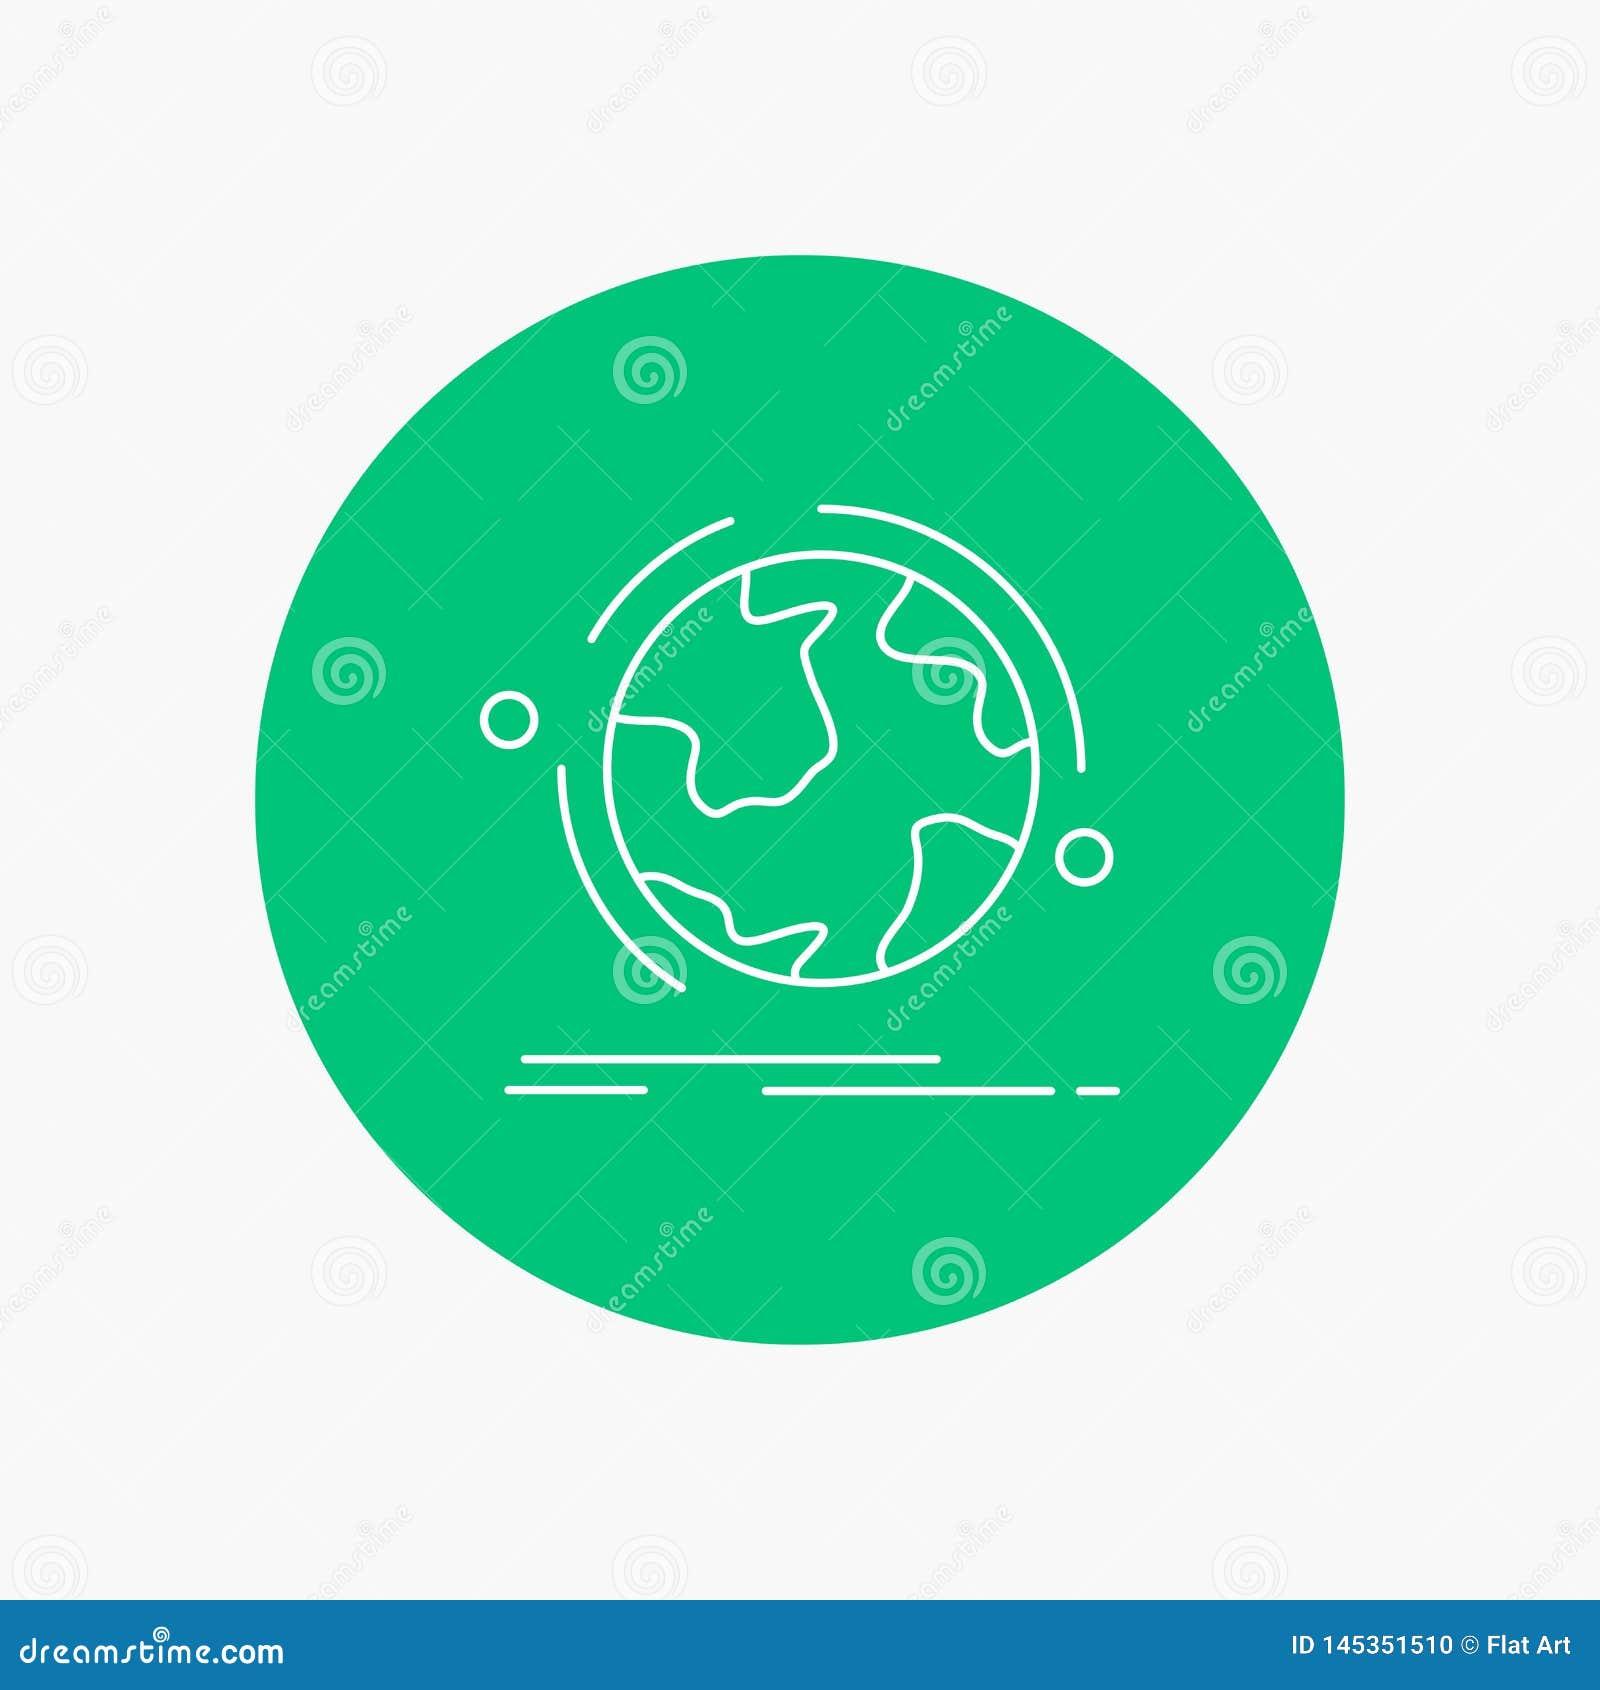 Kugel, Welt, entdecken, Verbindung, Netz weiße Linie Ikone im Kreishintergrund Vektorikonenillustration